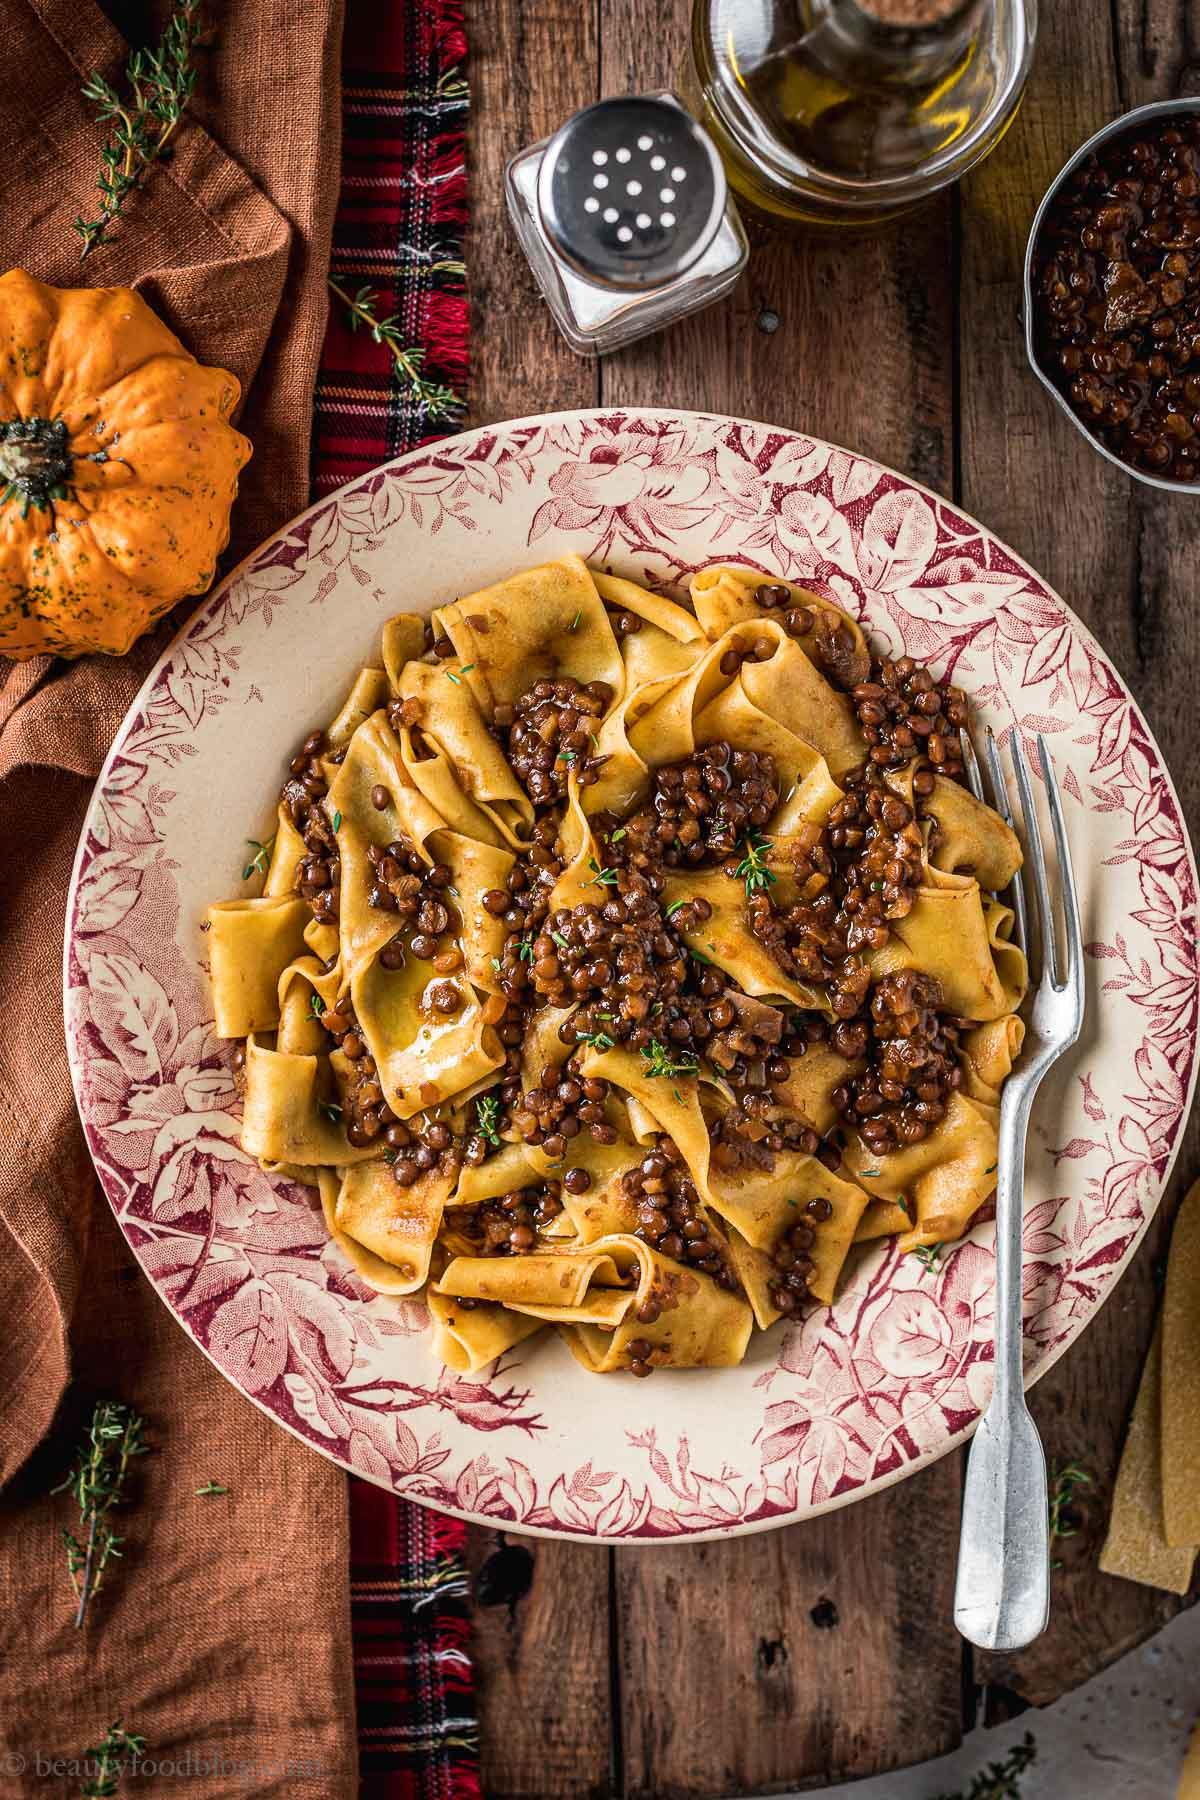 Ricetta Ragu Lenticchie.Ragu Di Lenticchie E Funghi Vegan Mushroom And Lentil Ragu